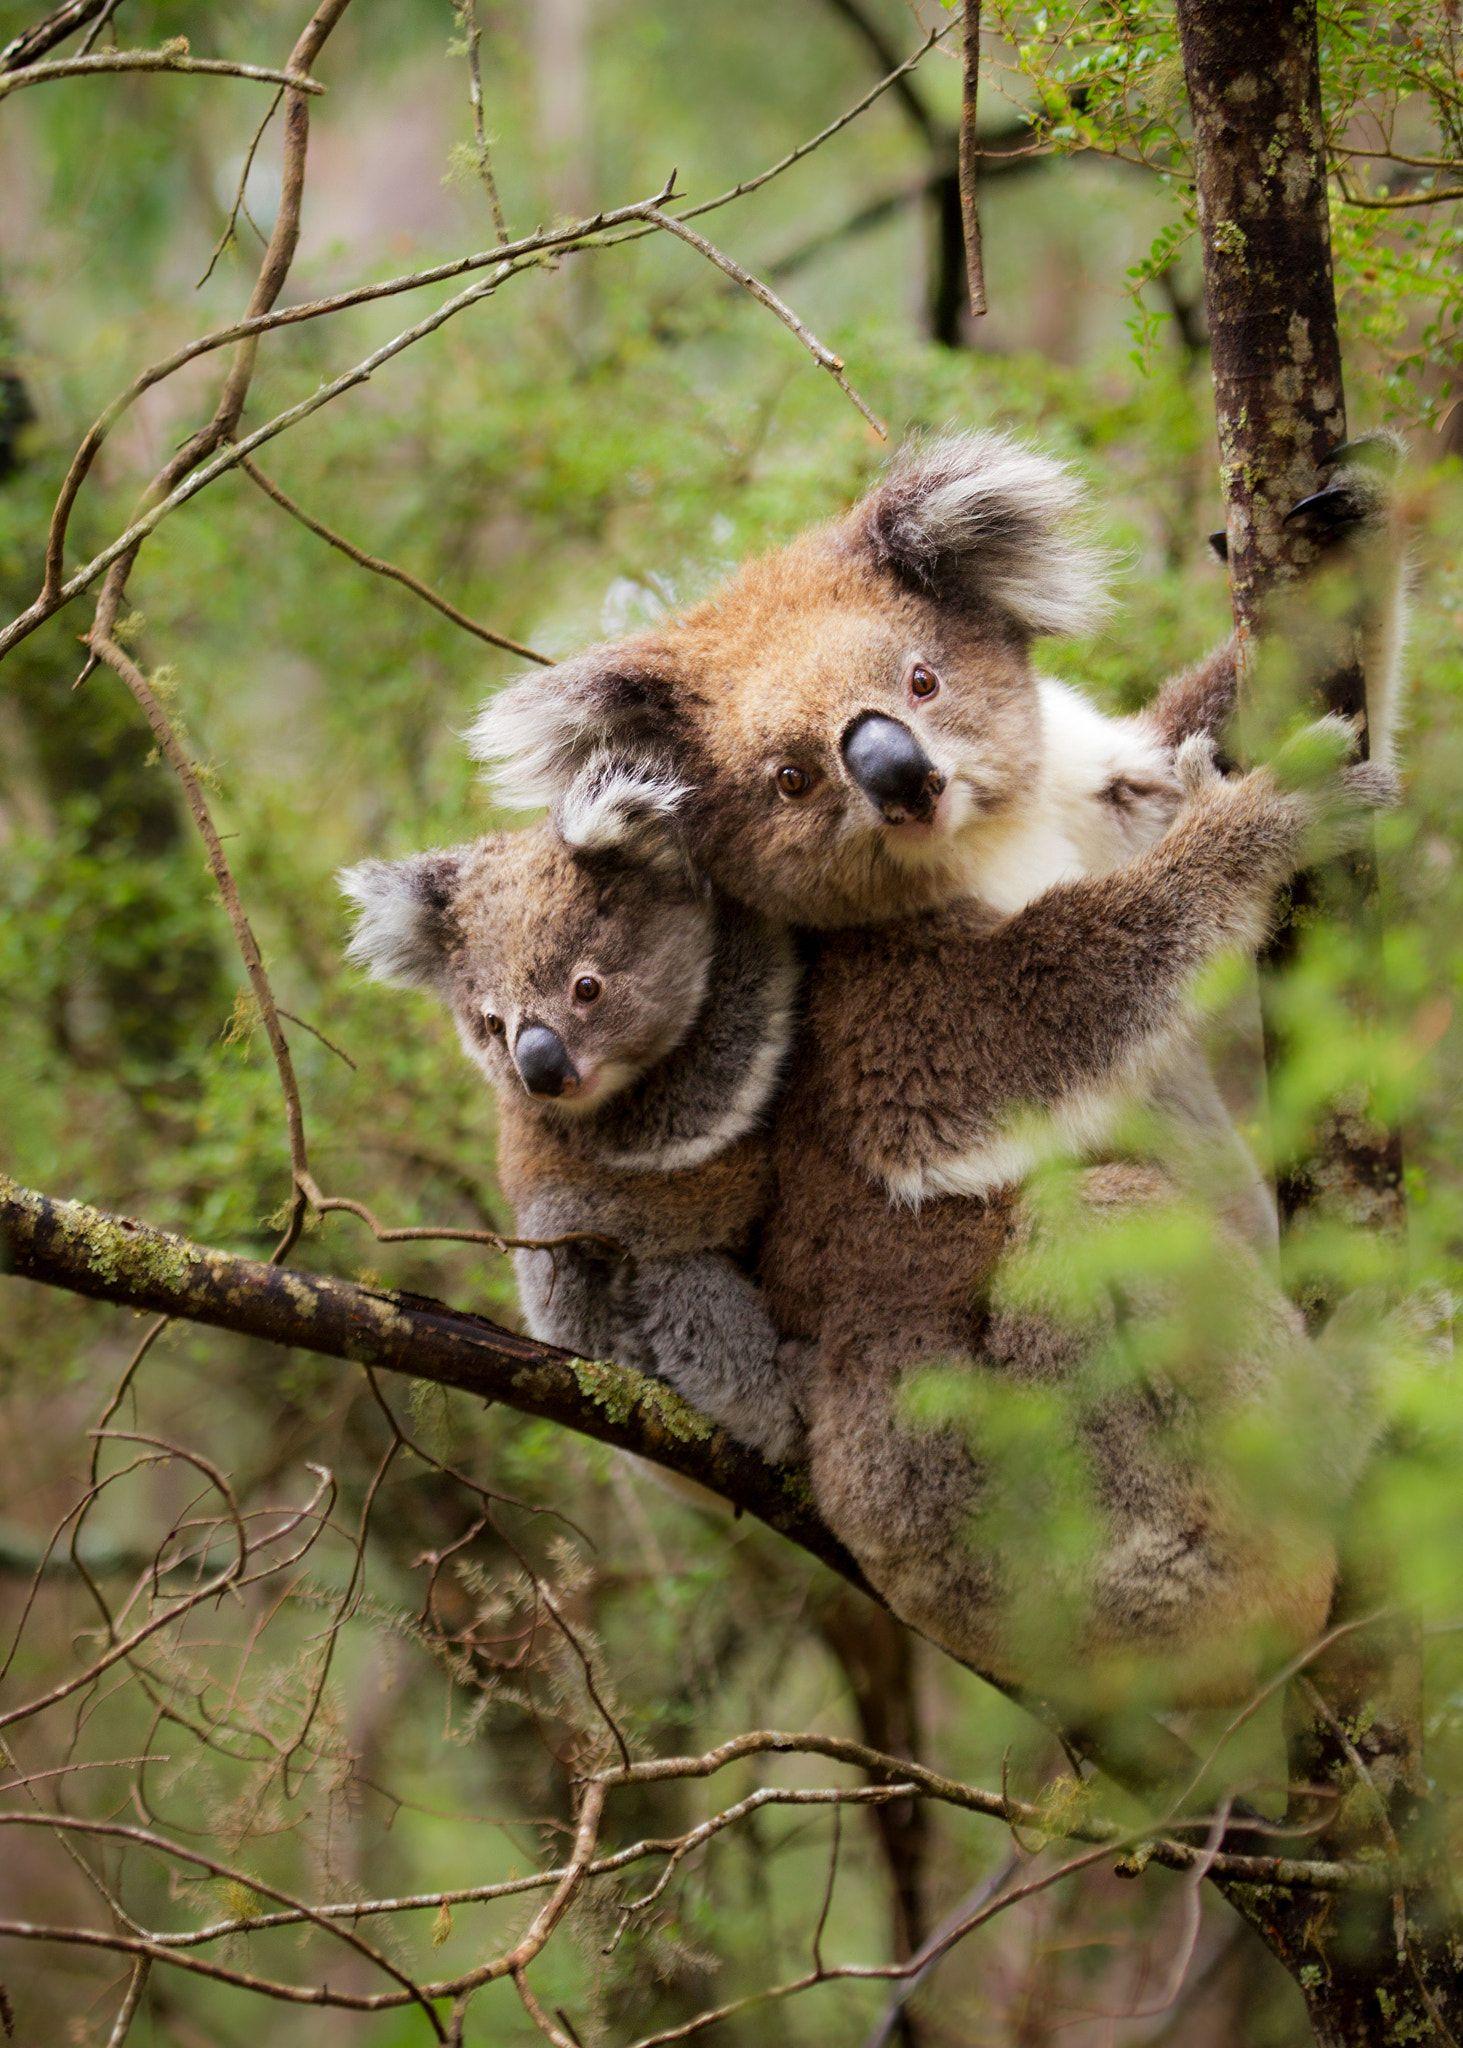 картинка коала с лисой центре это здание